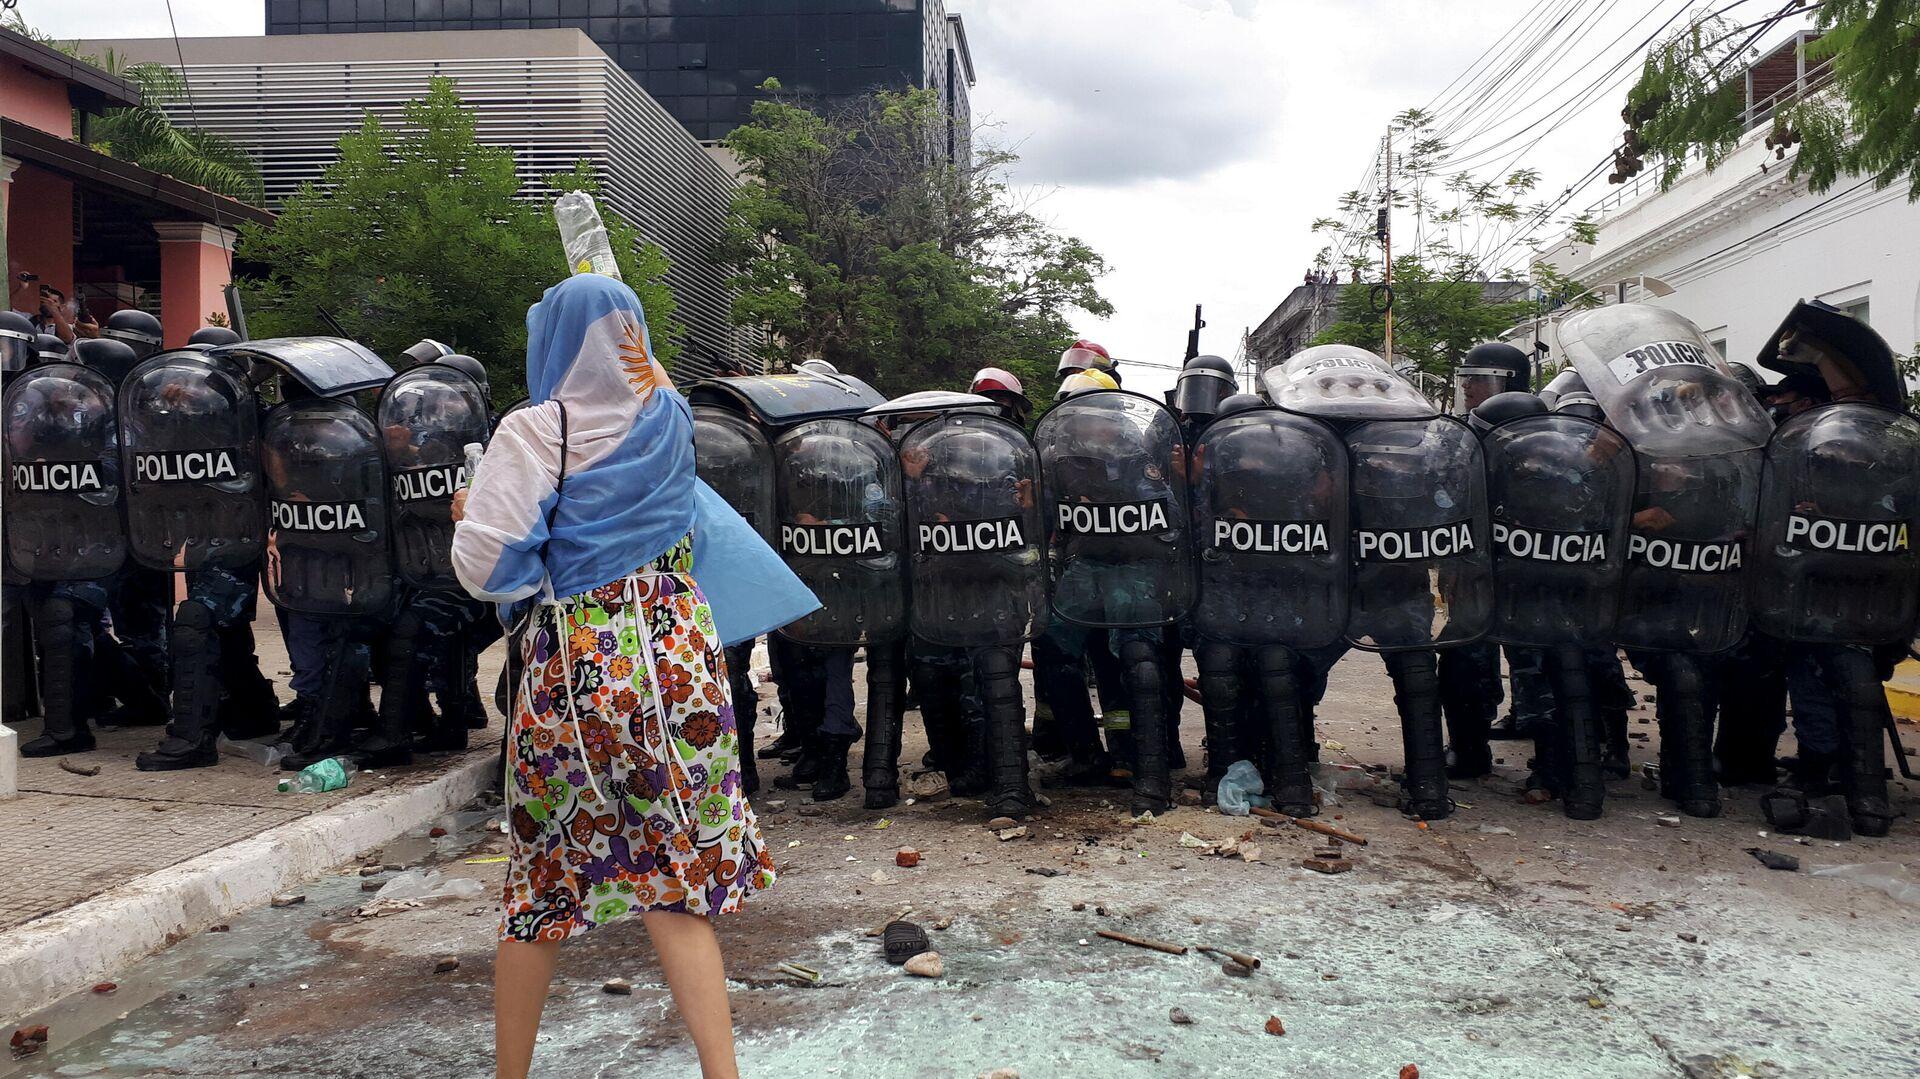 Una mujer se manifiesta frente a la Policía en la provincia argentina de Formosa - Sputnik Mundo, 1920, 08.03.2021